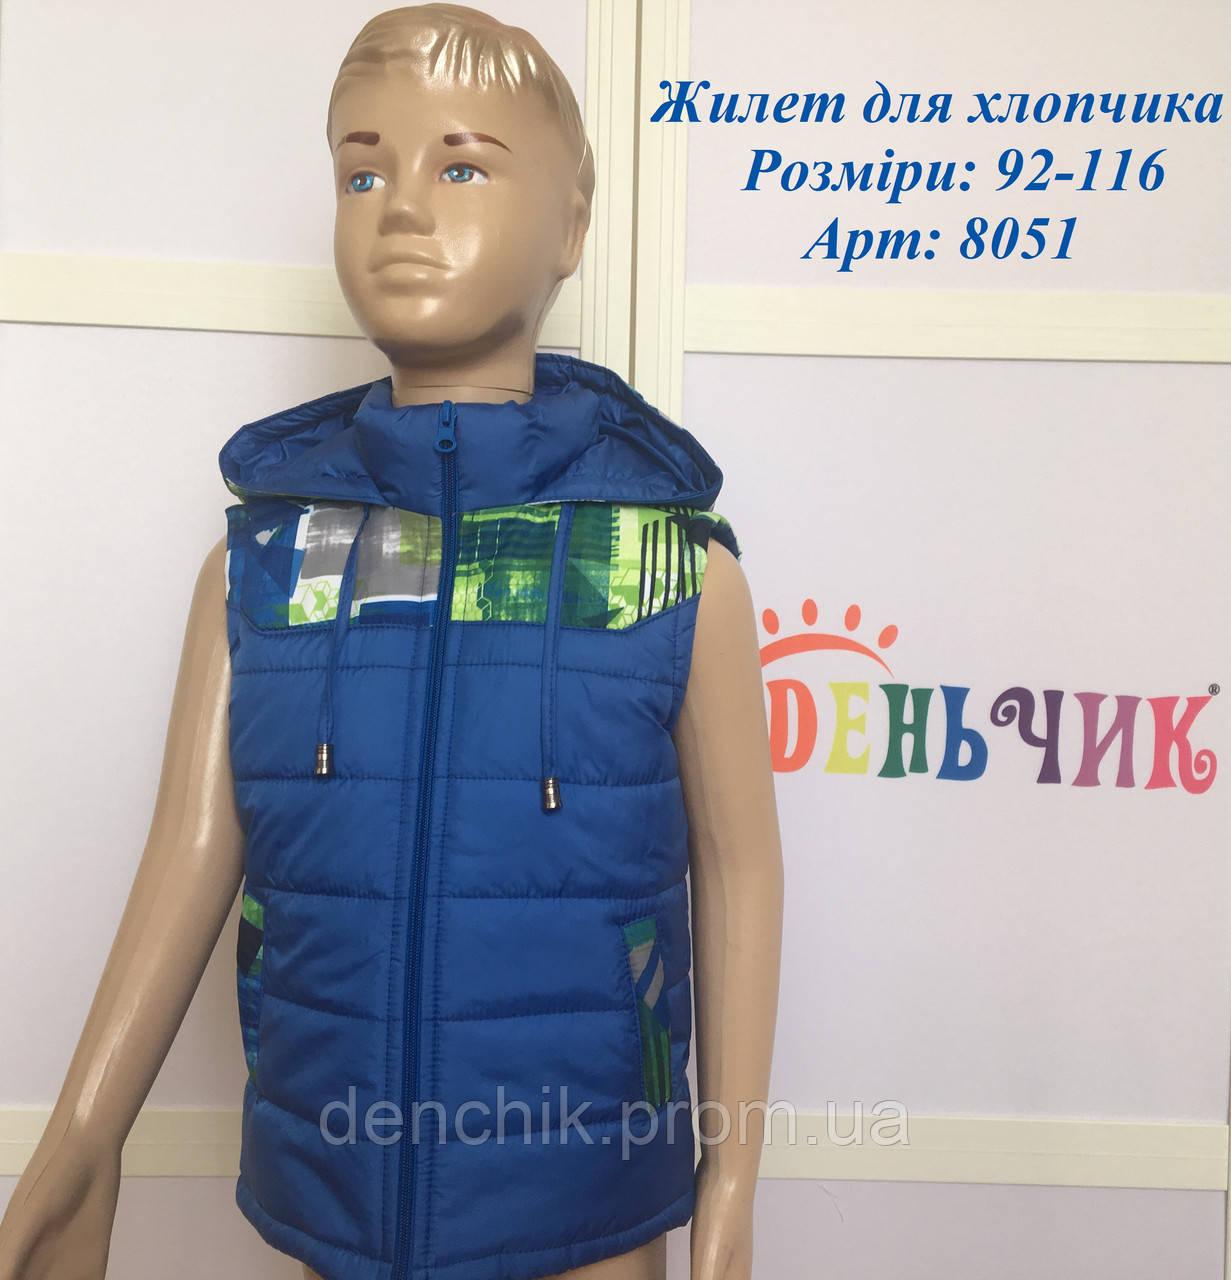 """Жилет для мальчика демисезонный - ТМ """"Деньчик"""" в Хмельницком"""